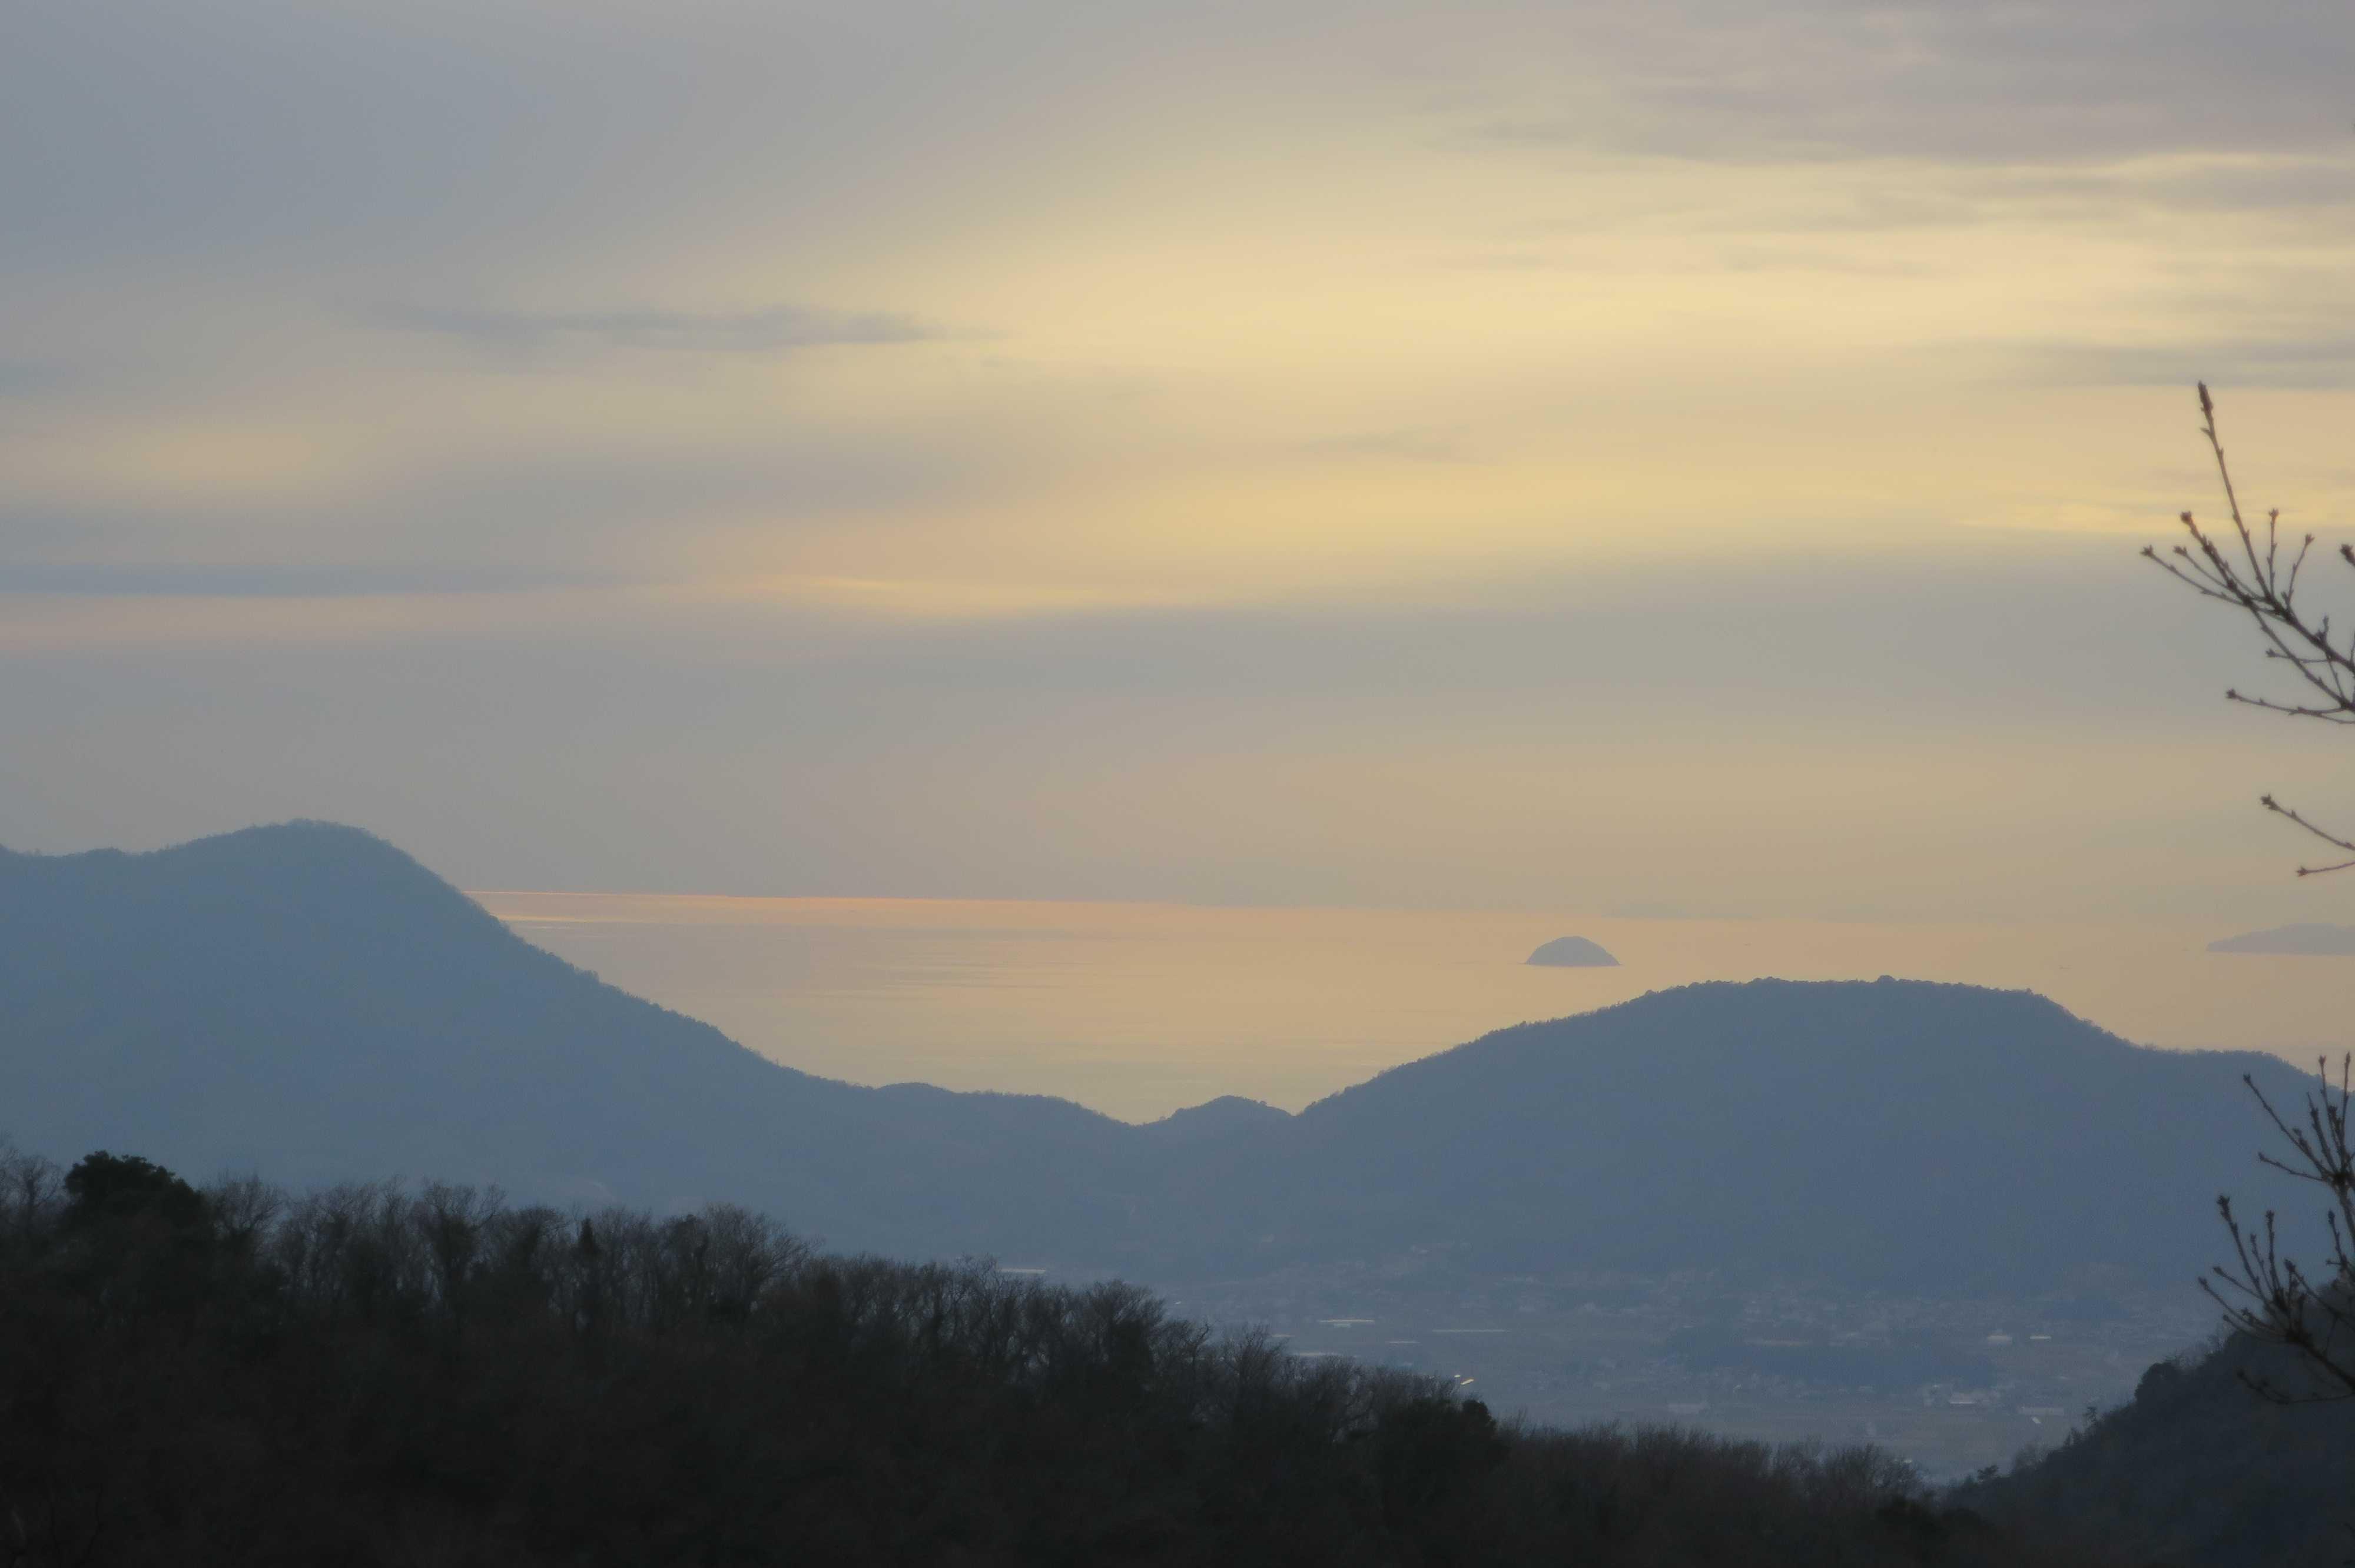 夕日に染まる瀬戸内海 - 奥の院捨身ヶ嶽禅定